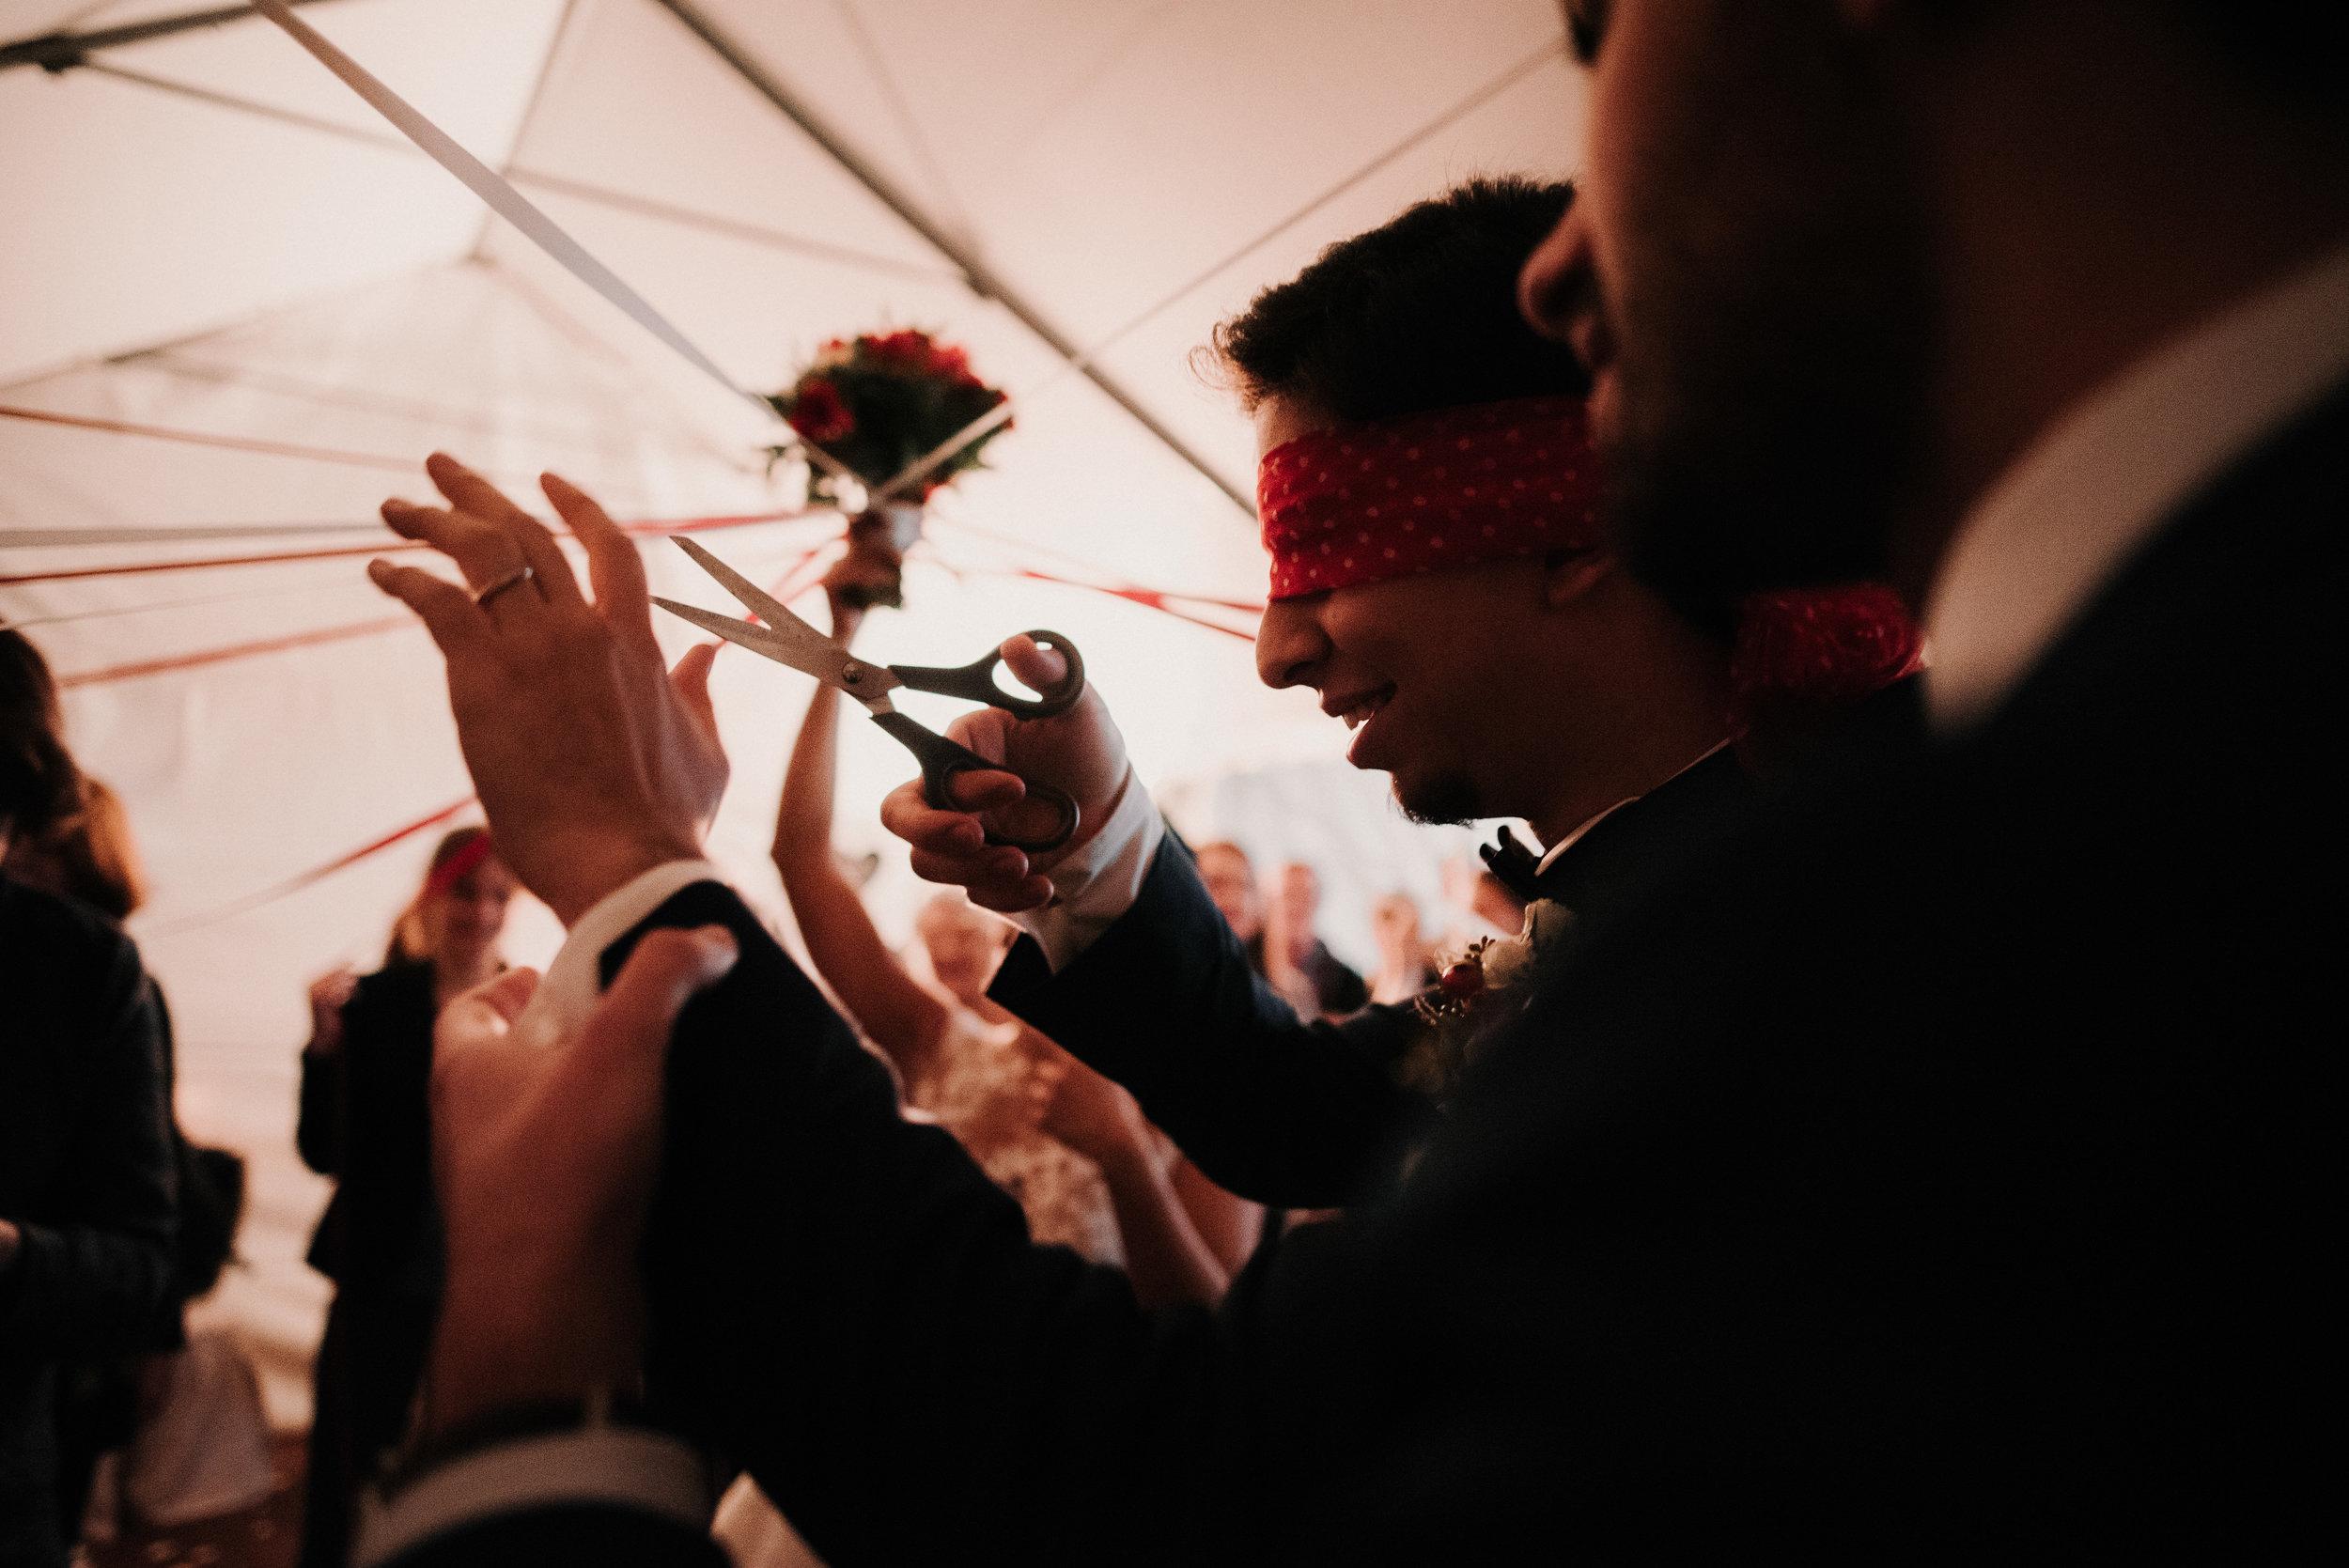 Léa-Fery-photographe-professionnel-lyon-rhone-alpes-portrait-creation-mariage-evenement-evenementiel-famille-2-127.jpg